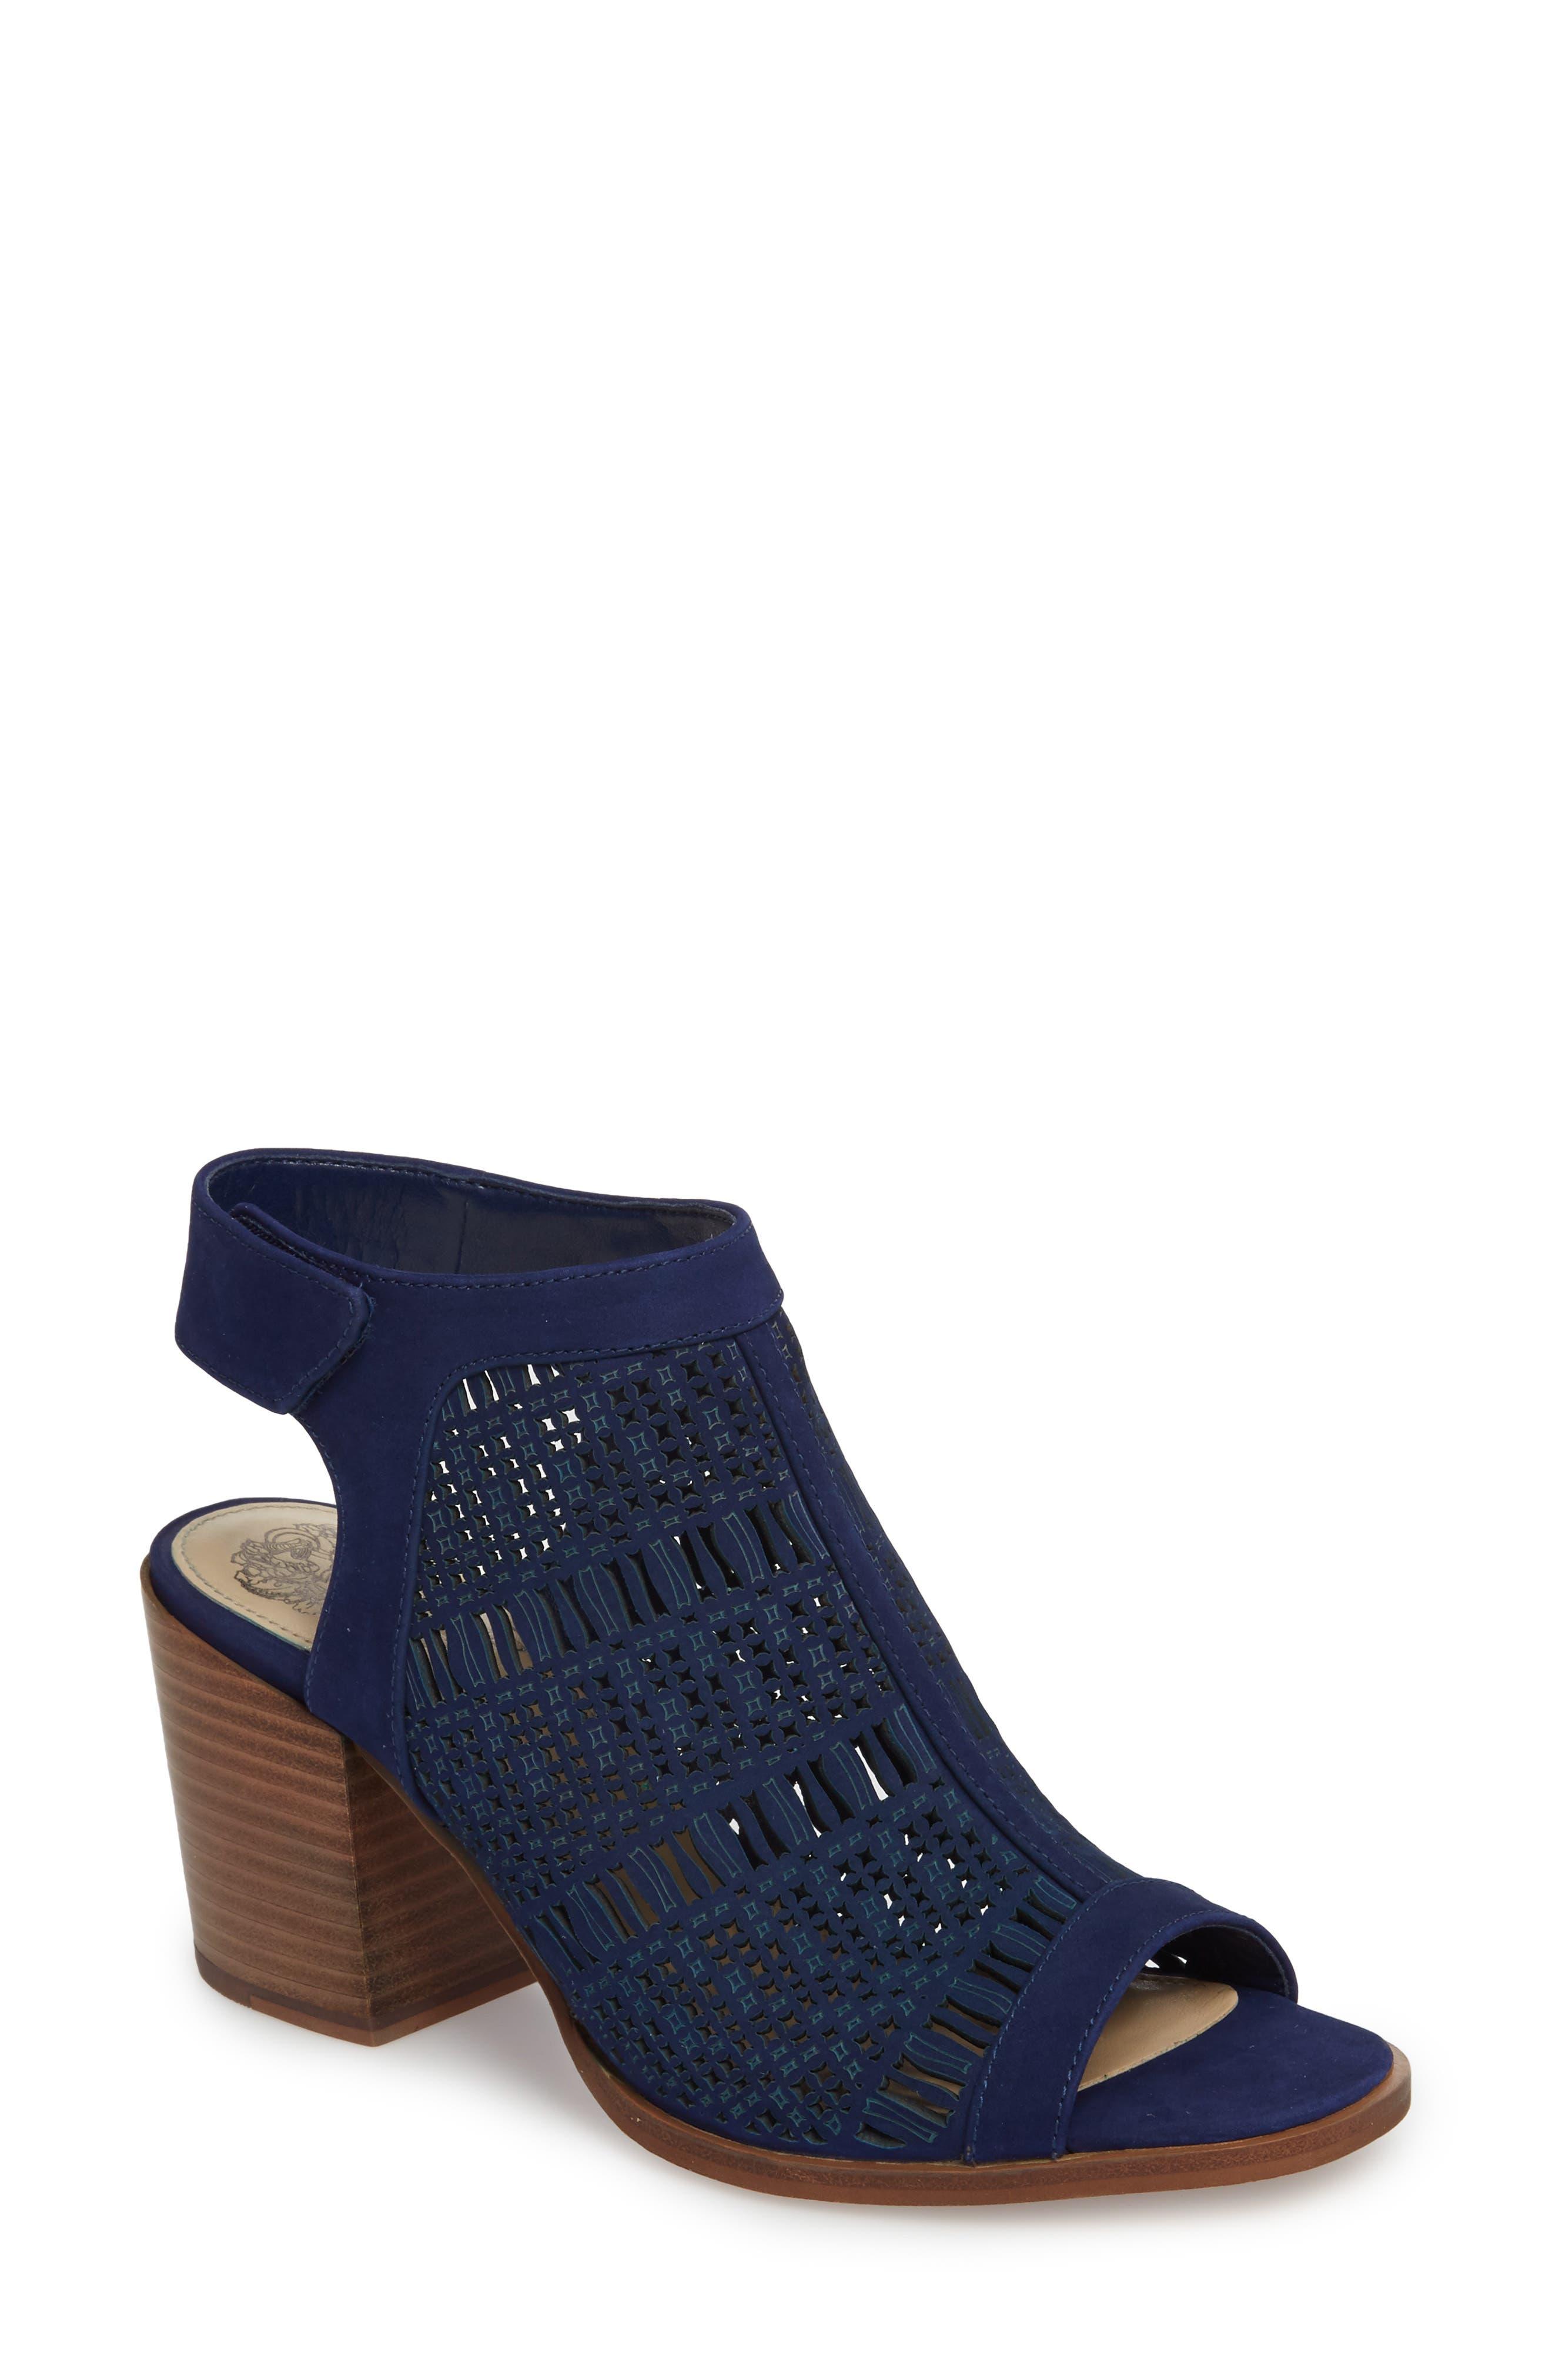 263de5a9739 Blue Block-Heel Sandals for Women